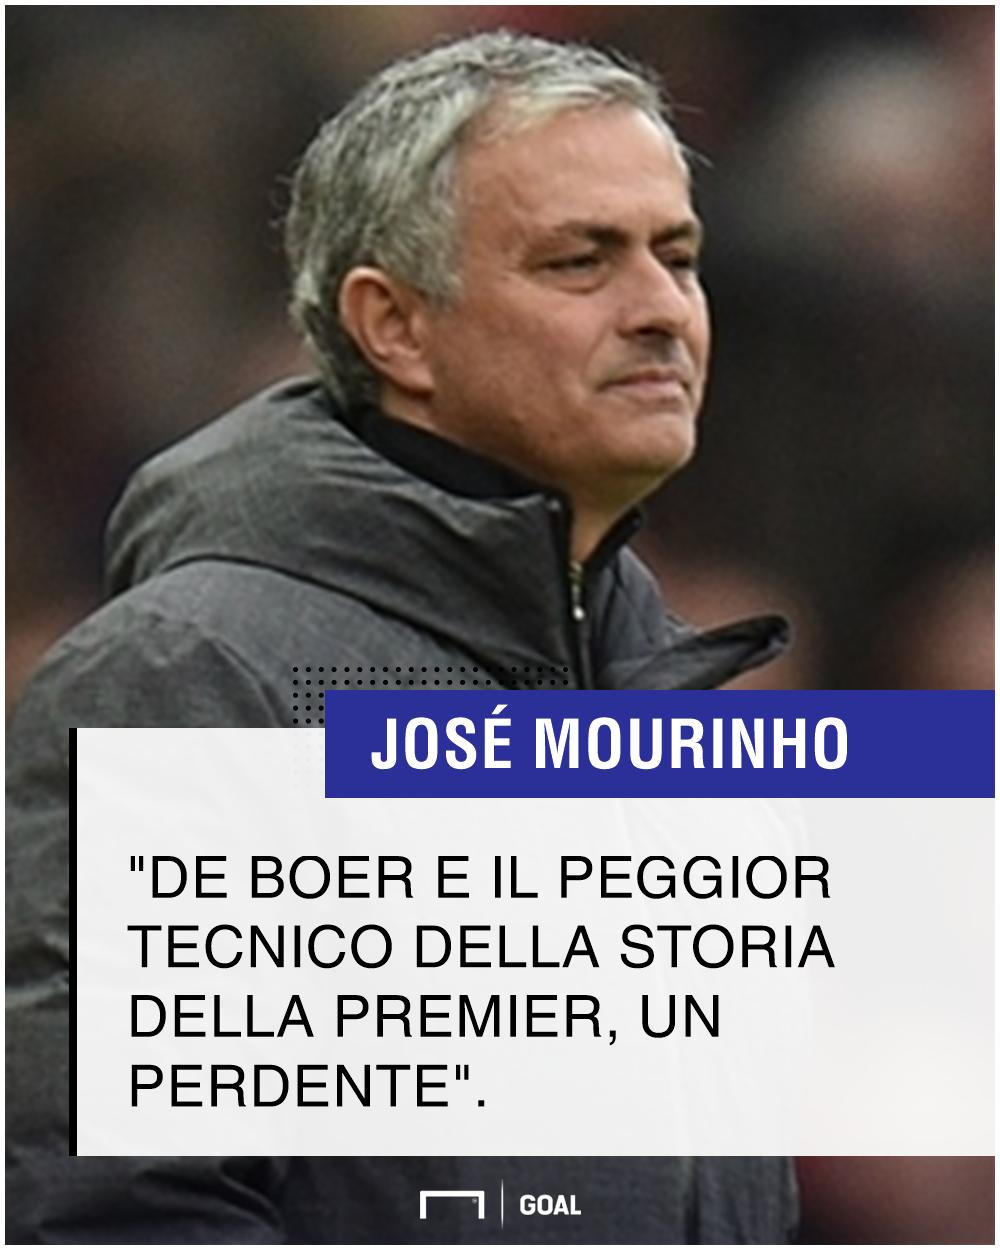 Mourinho replica e attacca De Boer: